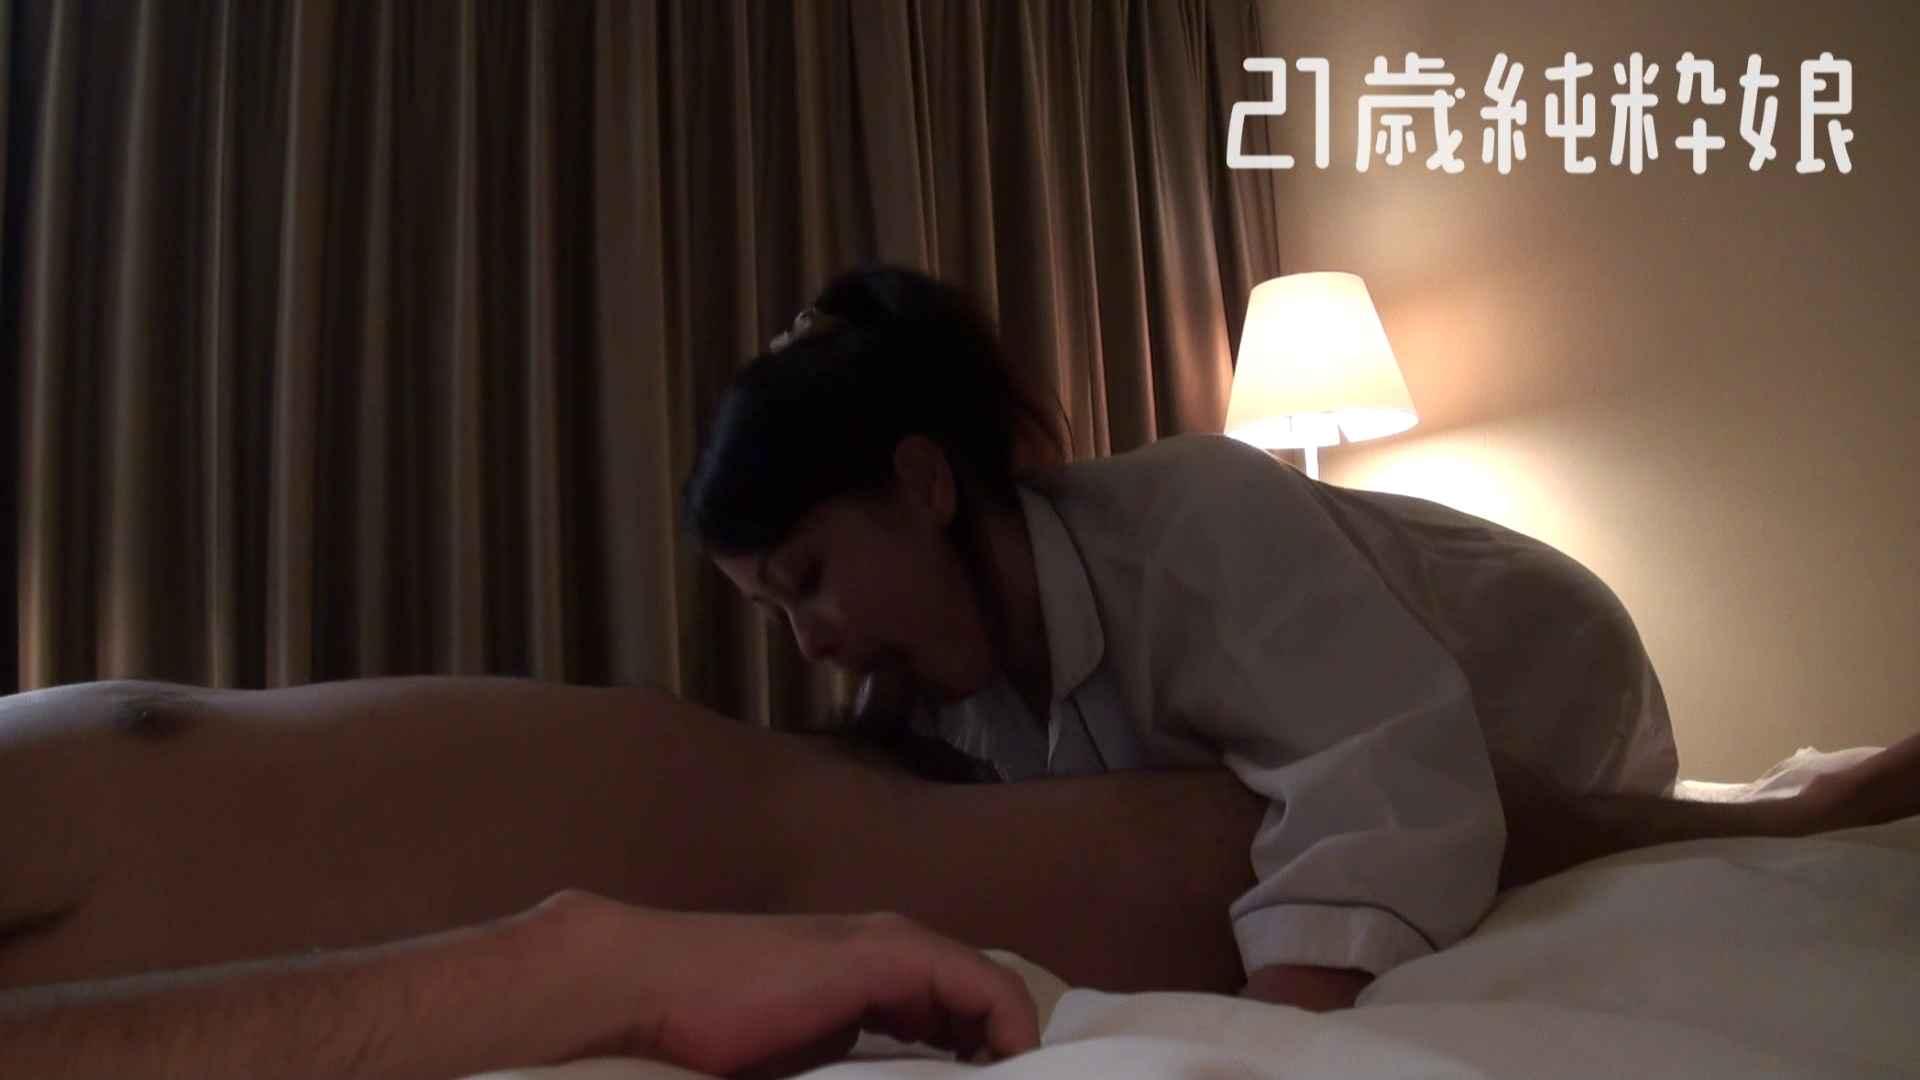 上京したばかりのGカップ21歳純粋嬢を都合の良い女にしてみた2 オナニー特集 | ギャル達のSEX  77画像 53